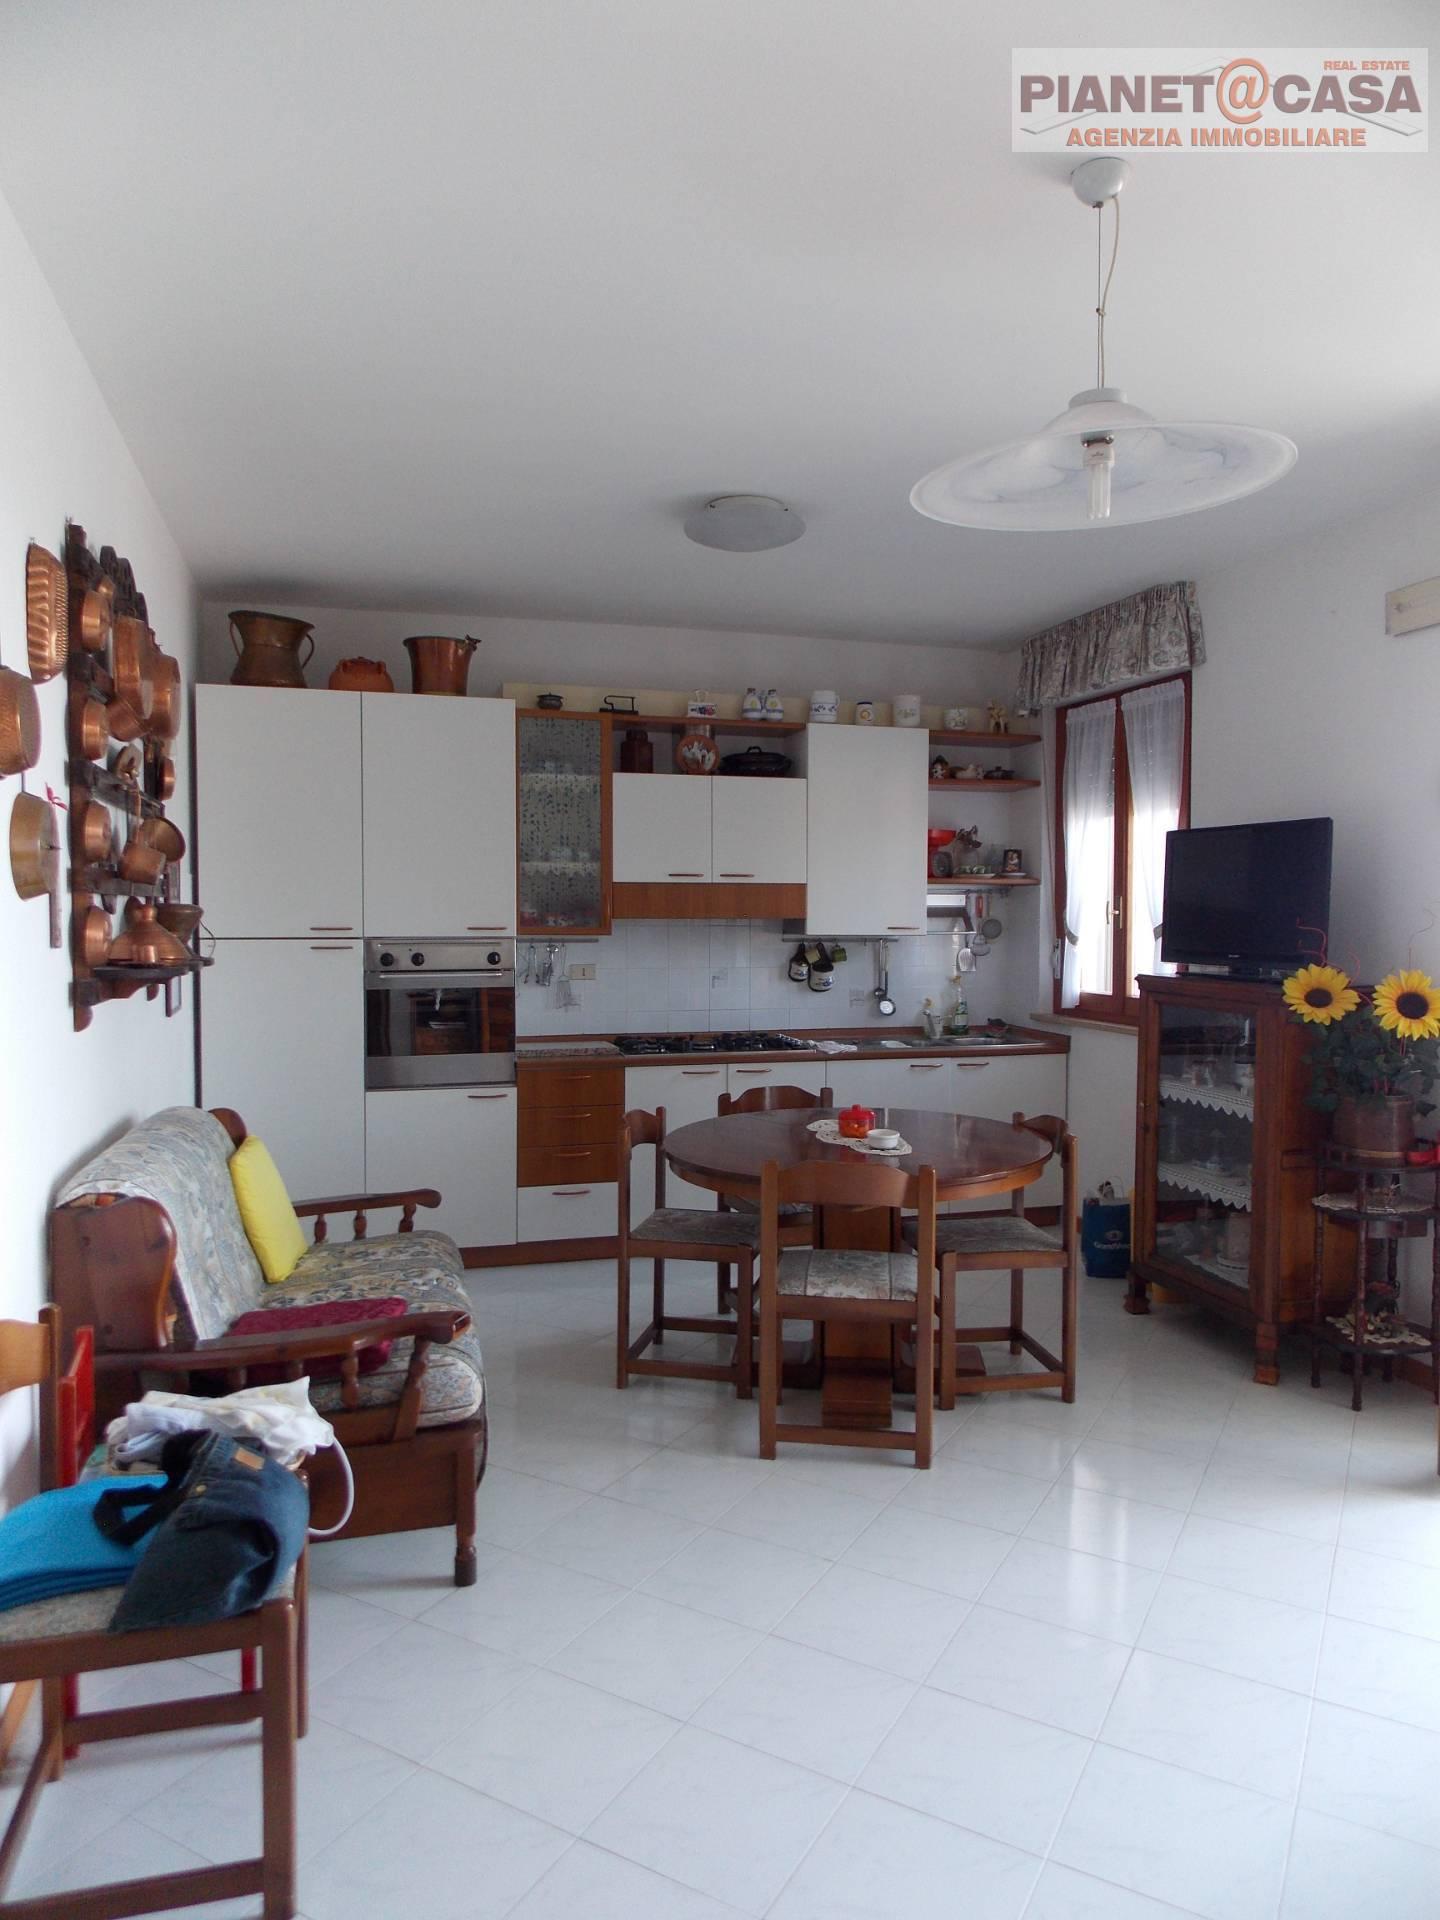 Appartamento in vendita a Controguerra, 3 locali, prezzo € 64.000 | PortaleAgenzieImmobiliari.it